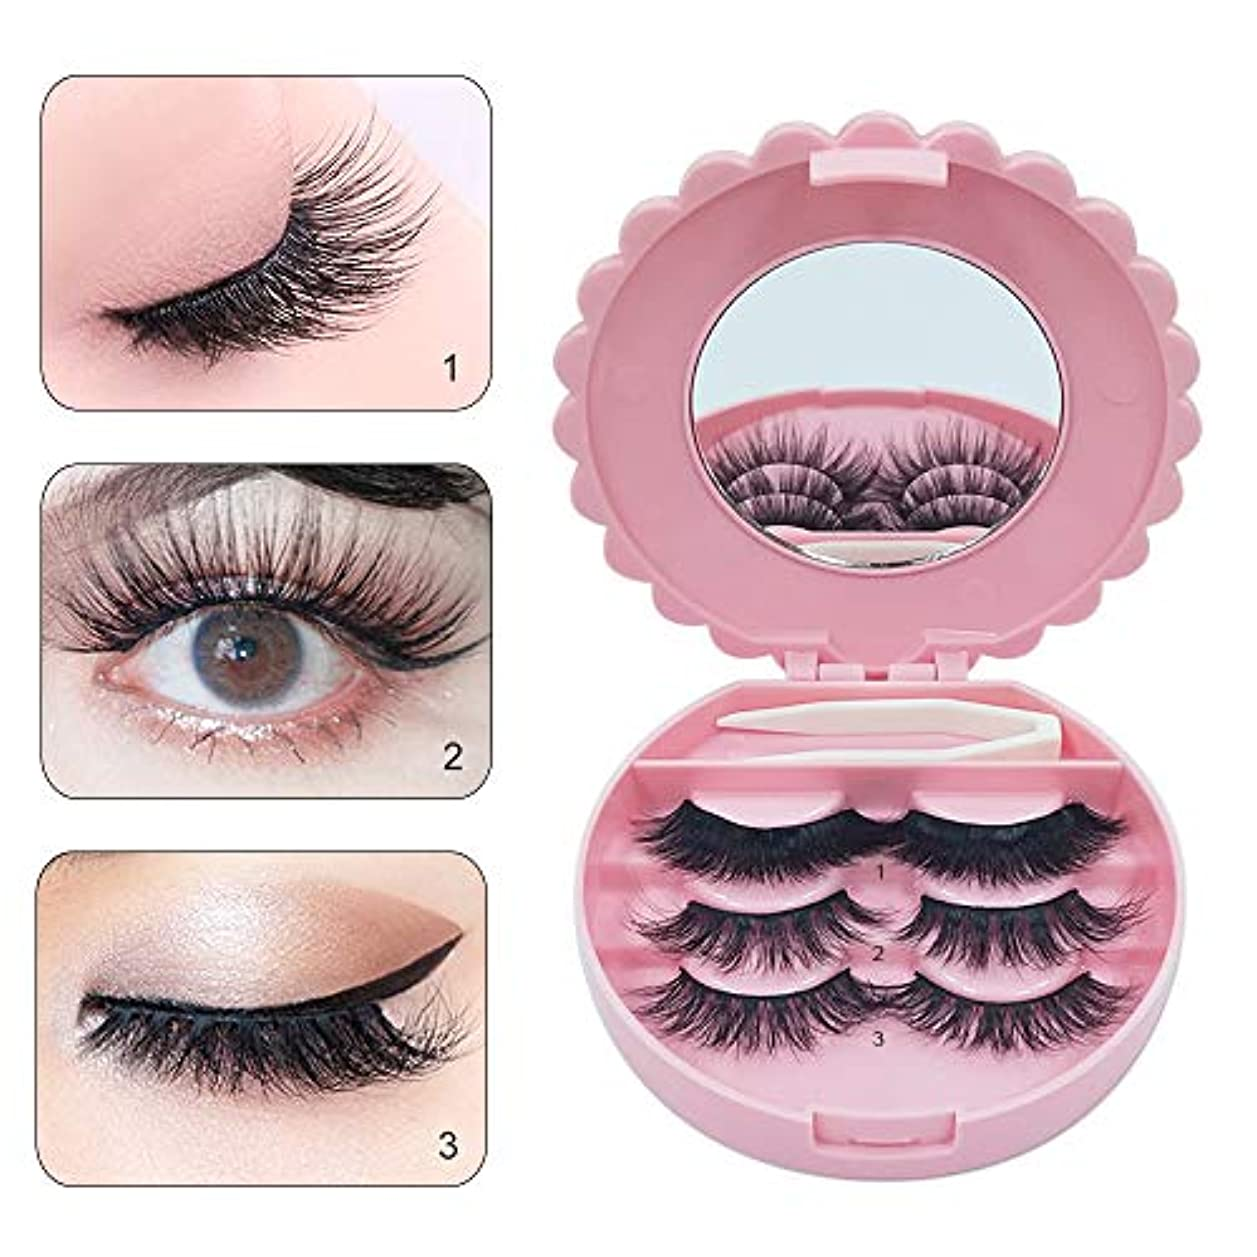 つけまつげ Eyelashes ミンク 濃密 ナチュラル 日常 パーティー用 3ペア 長持ち 3 dミンクつけまつ毛 ふんわりロングまつ毛 (3 pair)